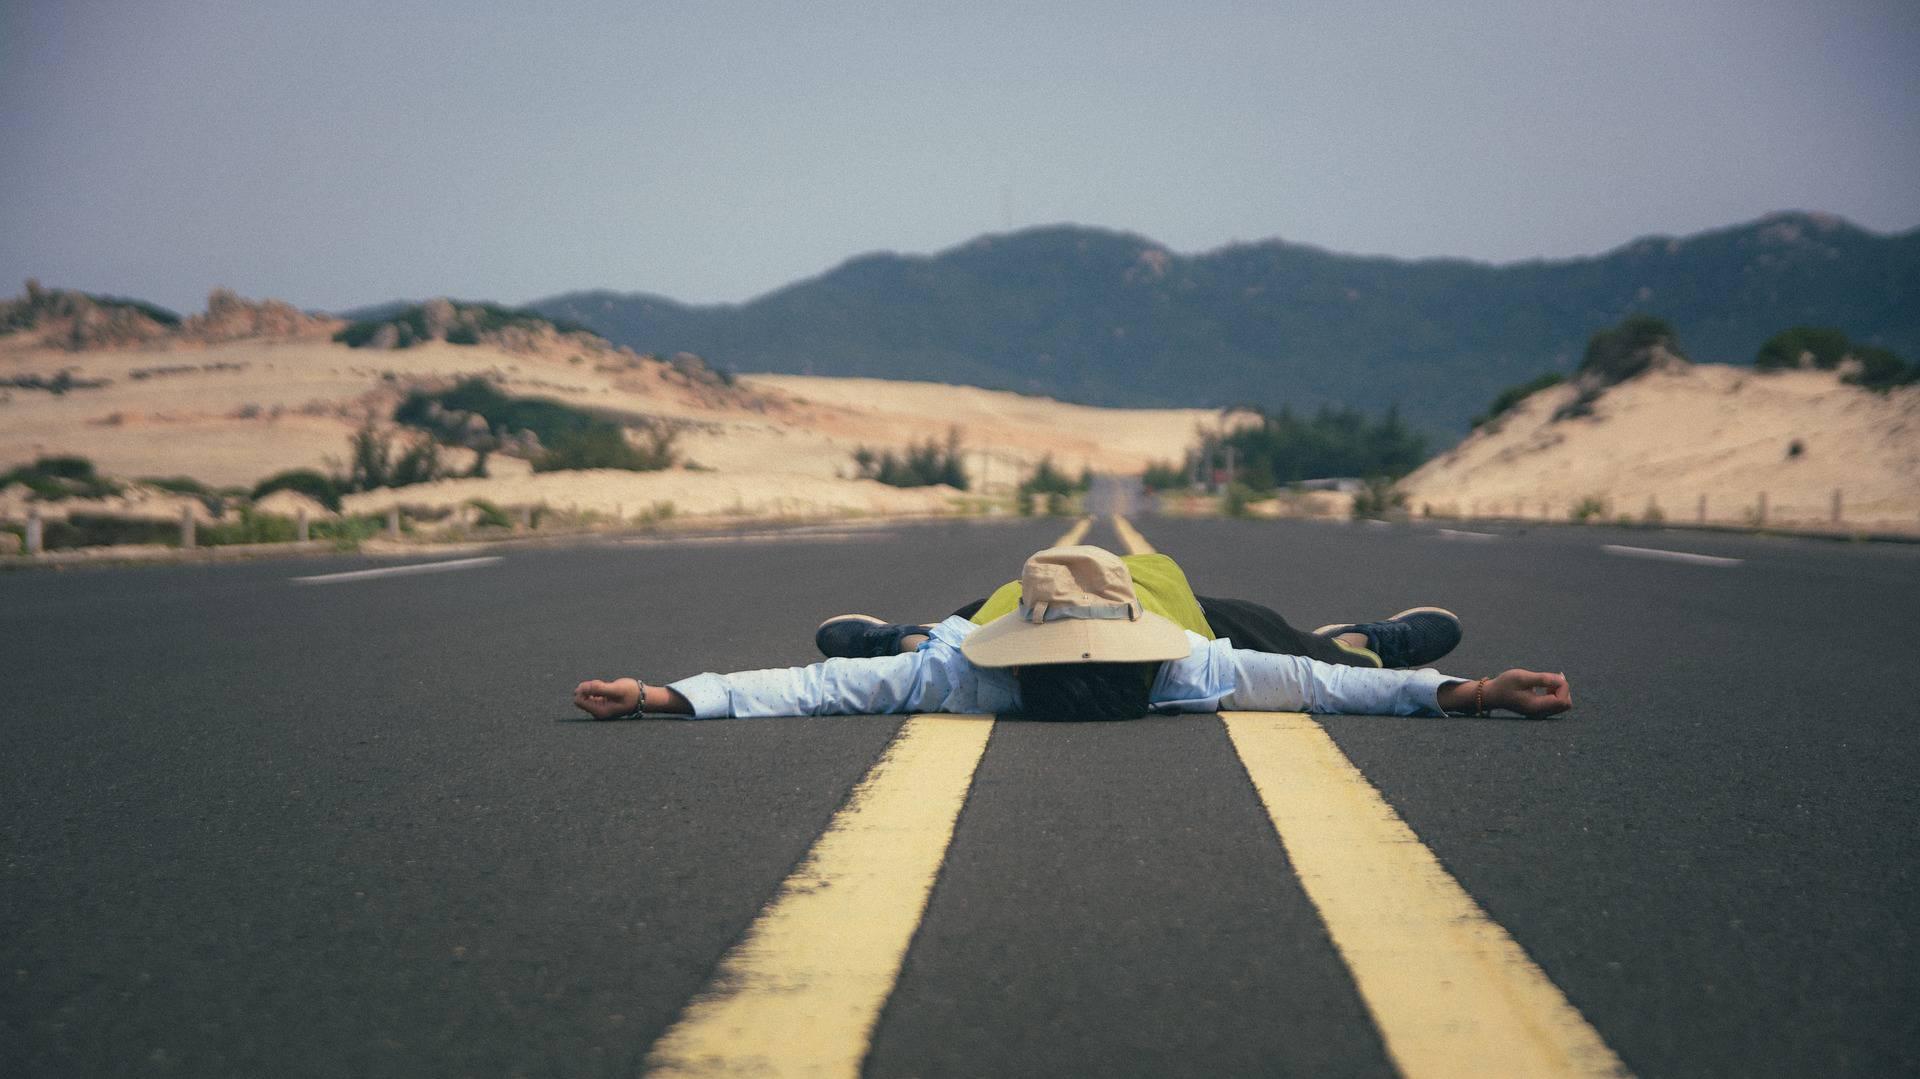 Homme allongé sur la route